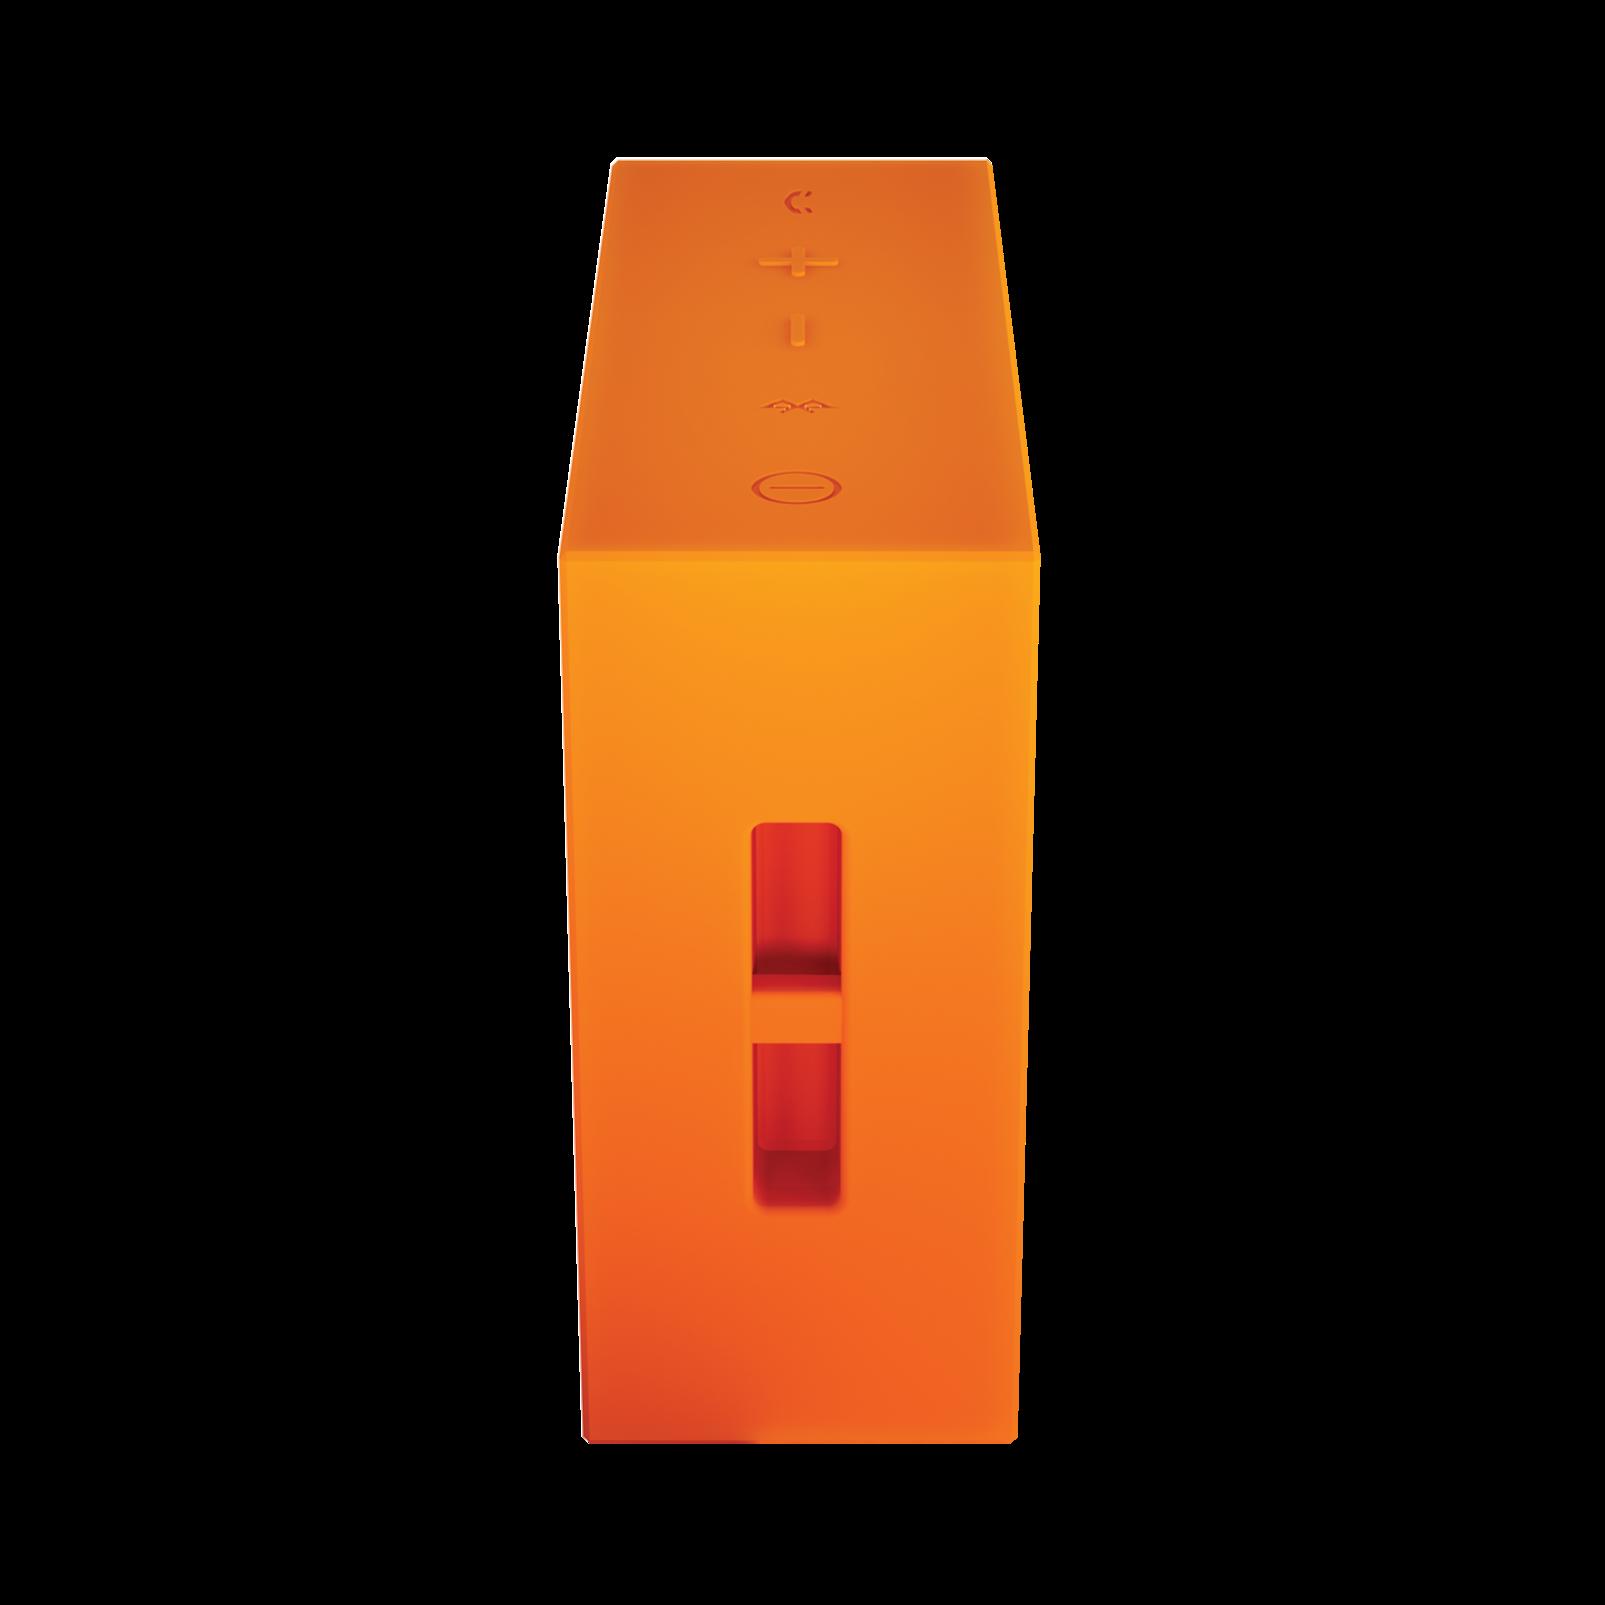 JBL GO - Orange - Full-featured, great-sounding, great-value portable speaker - Detailshot 2